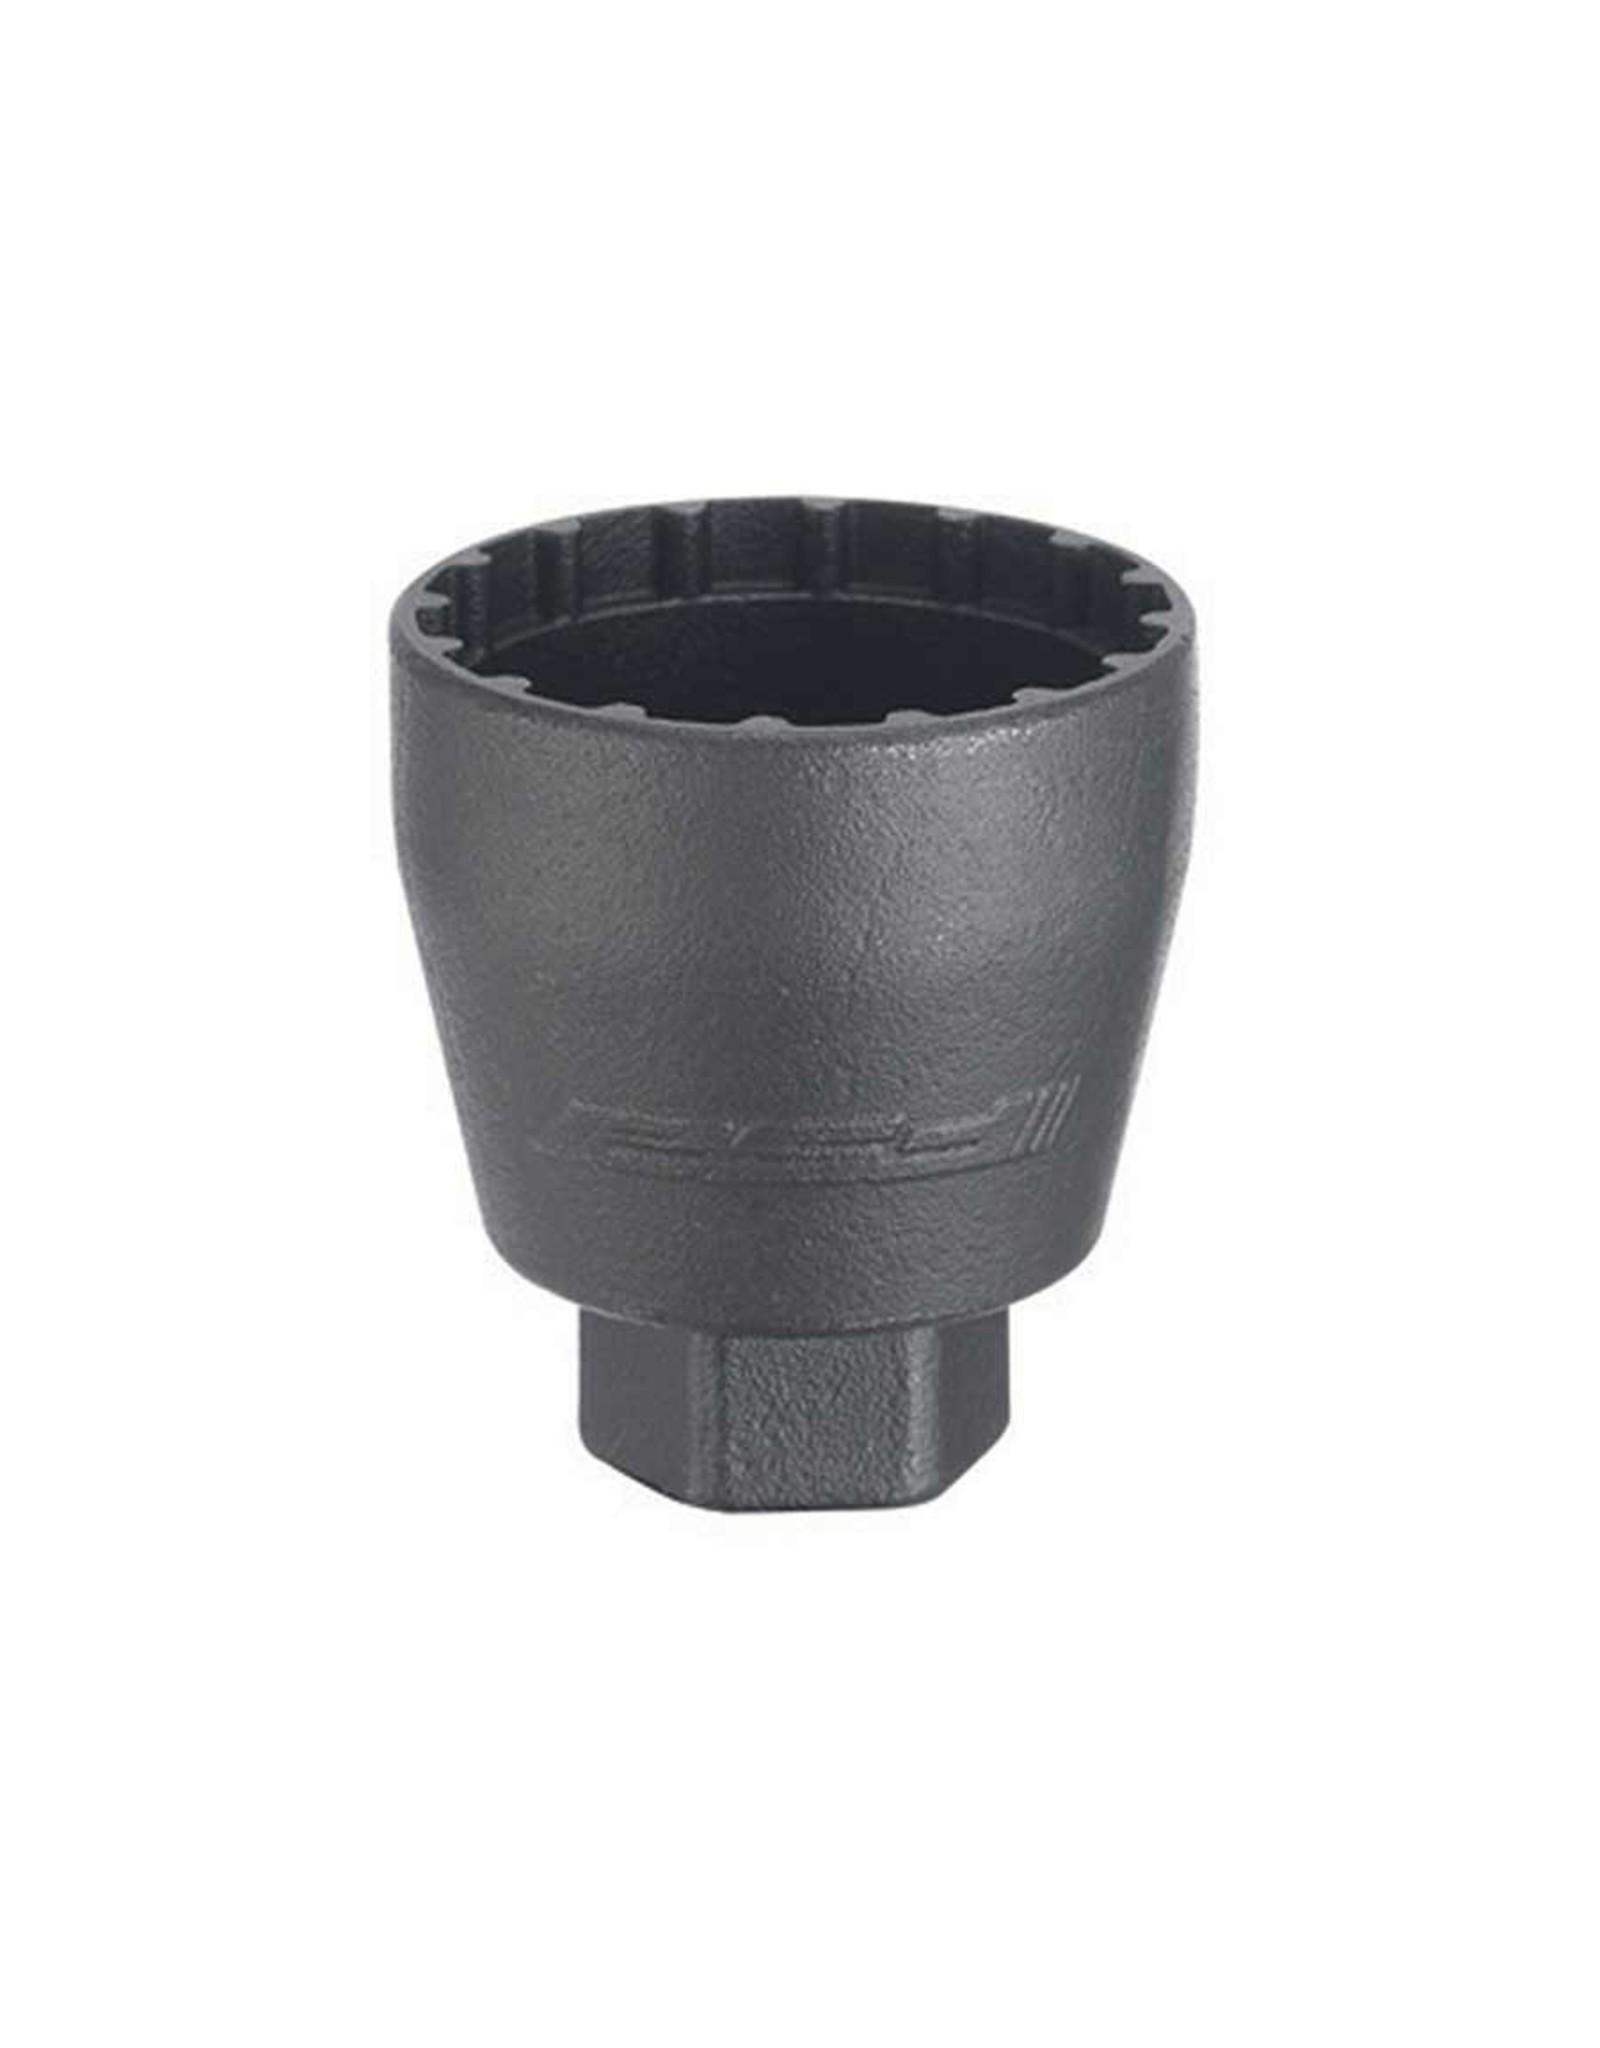 MegaEvo BB Cup Tool